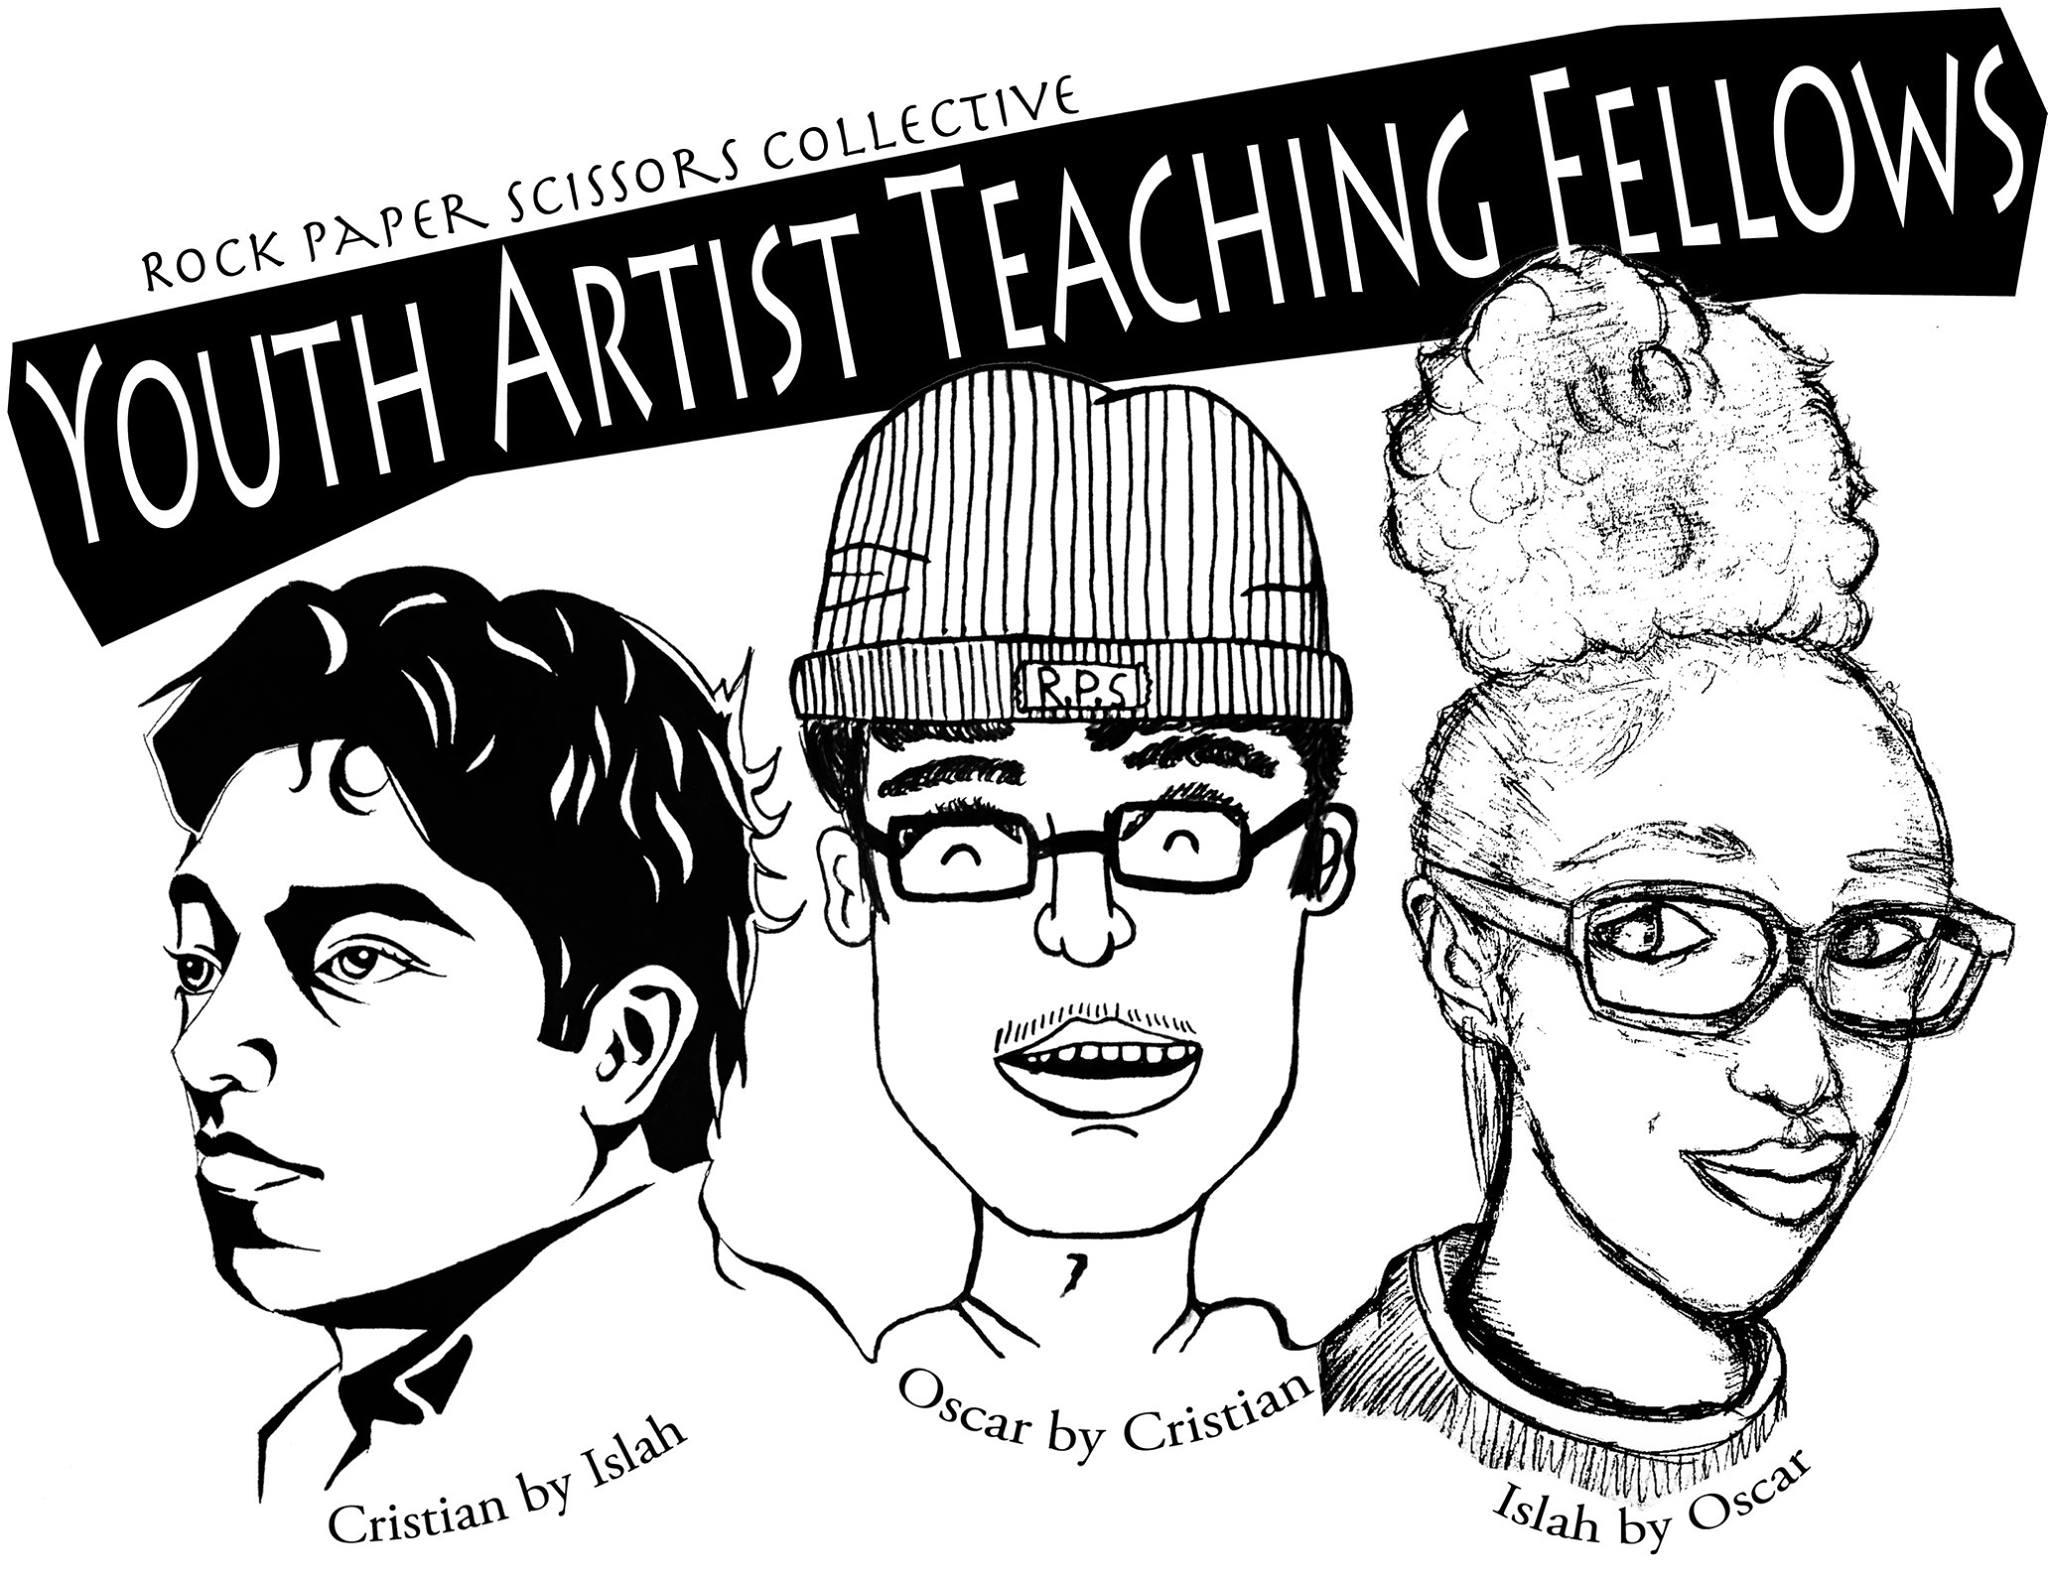 RPSC Youth Artist Teaching Fellows 2017.jpg